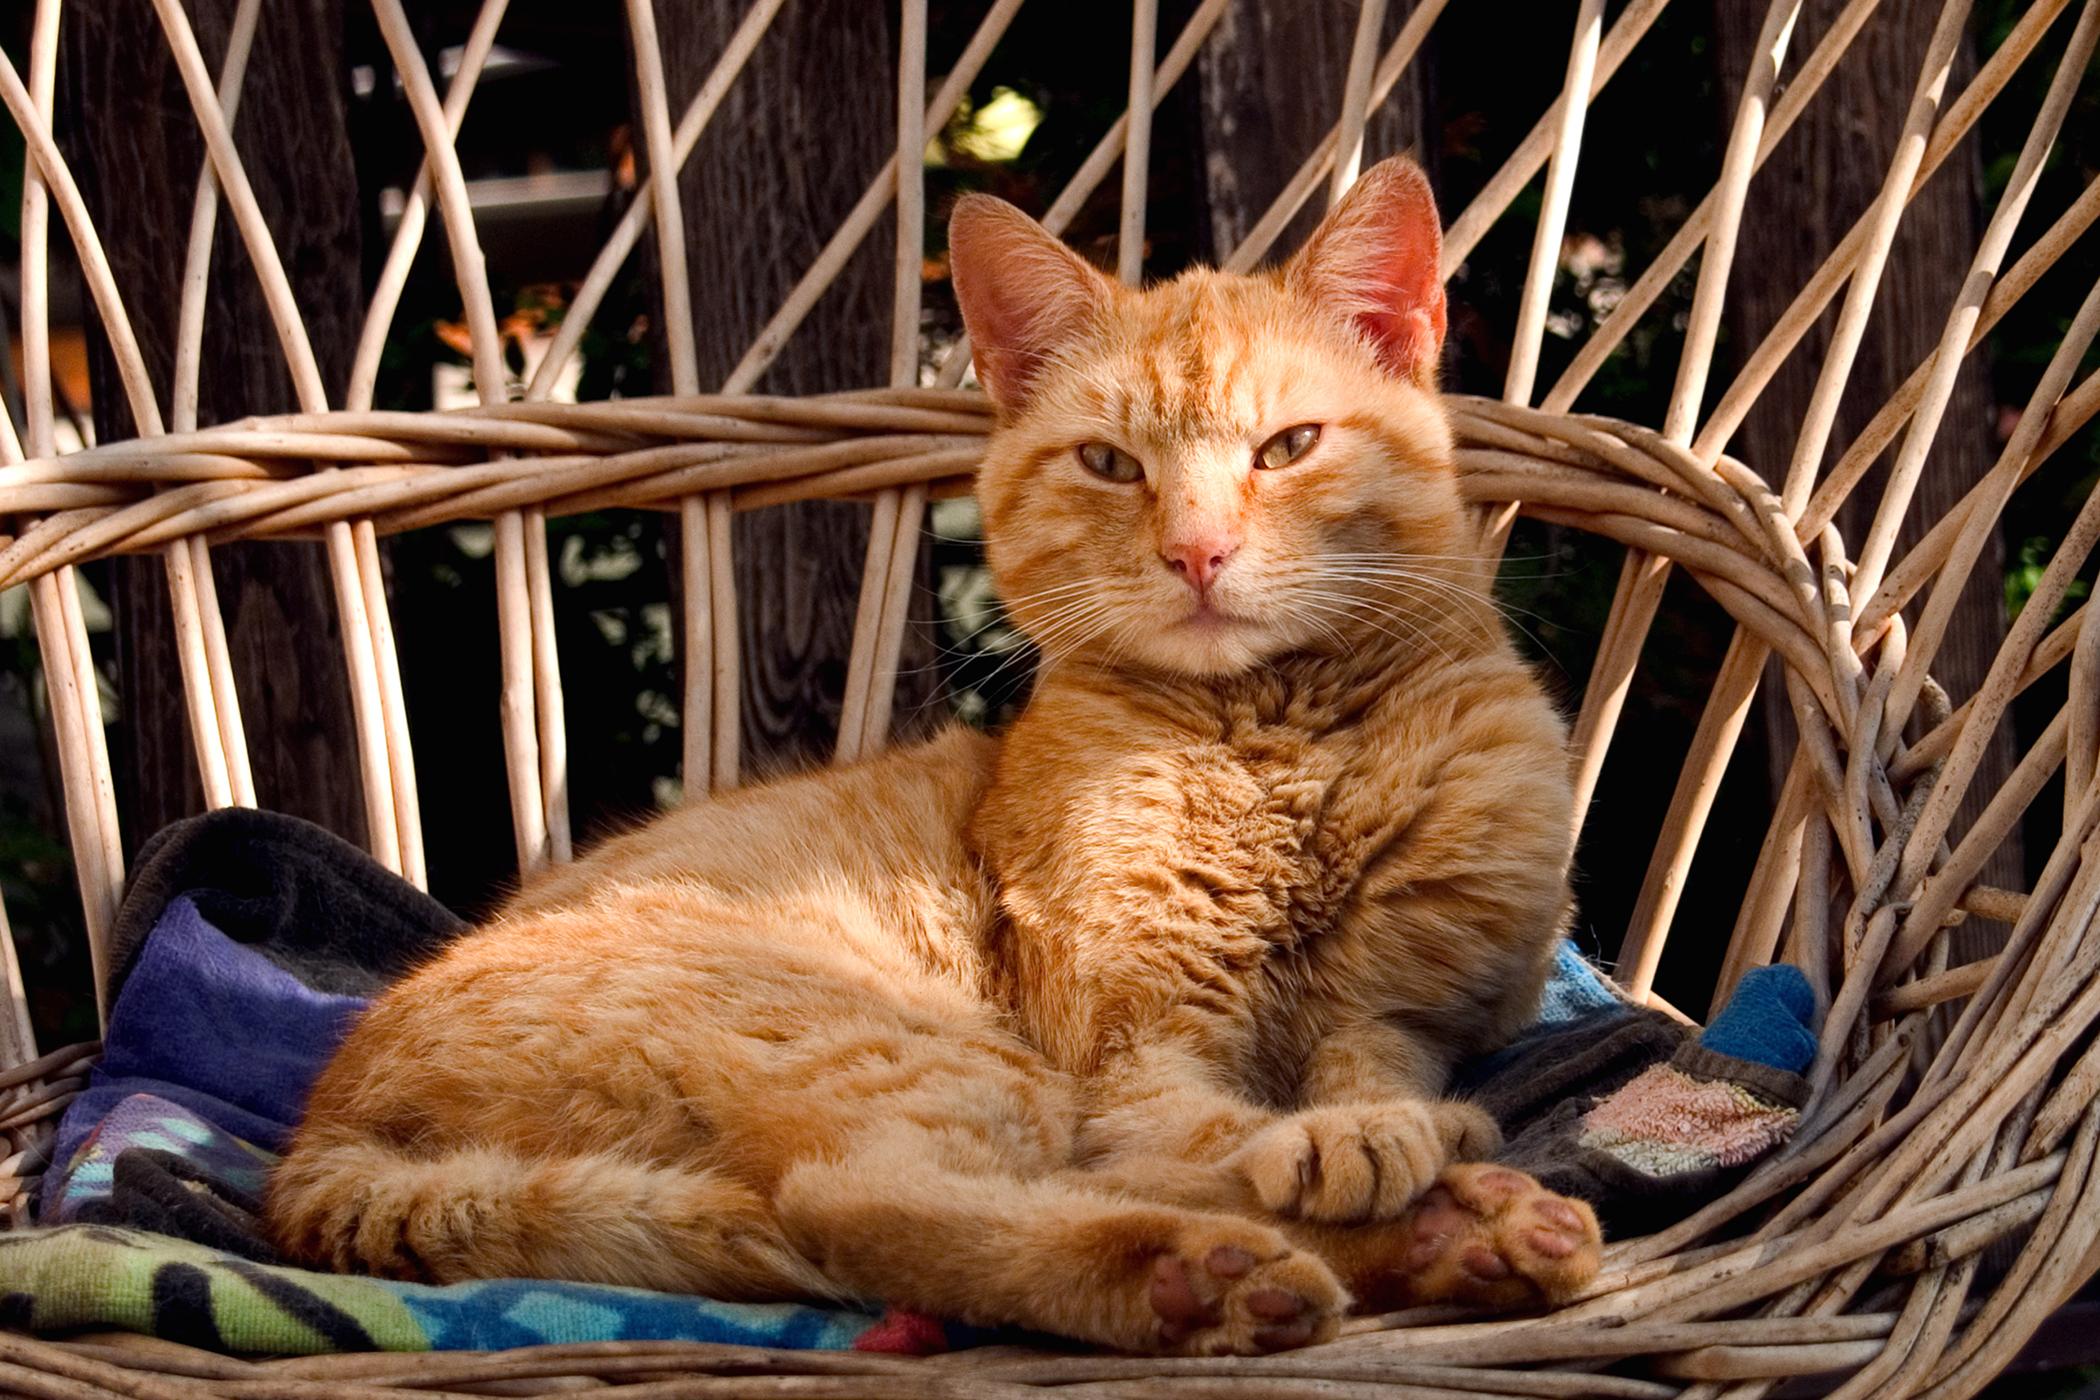 Plaque Allergy in Cats